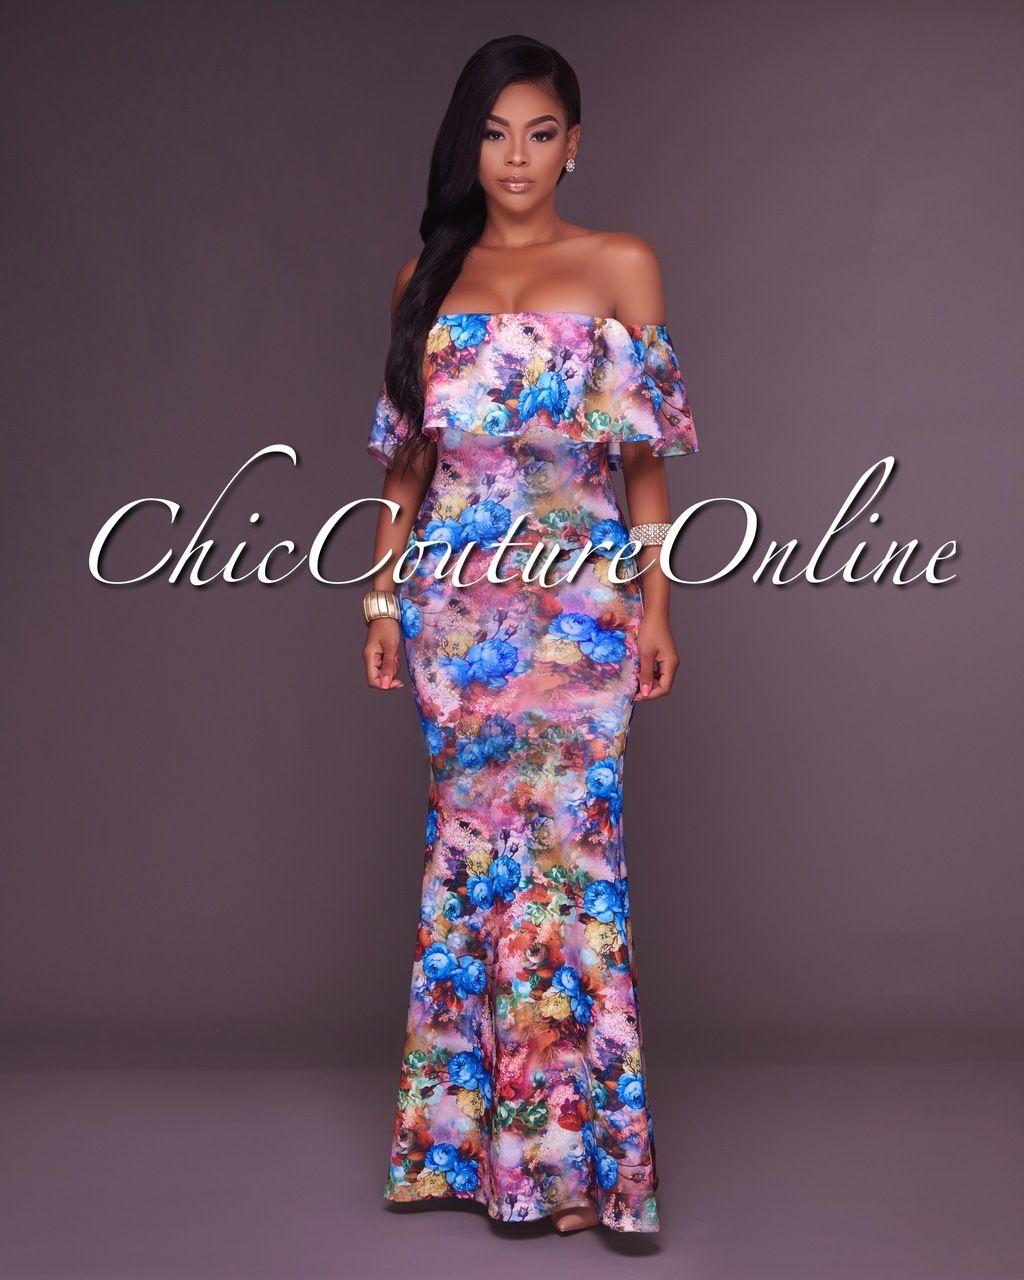 a97a8a3fa2 Veronique Blue Multi-Color Floral Print Off-The-Shoulder Maxi Dress. Sheath  Dresses